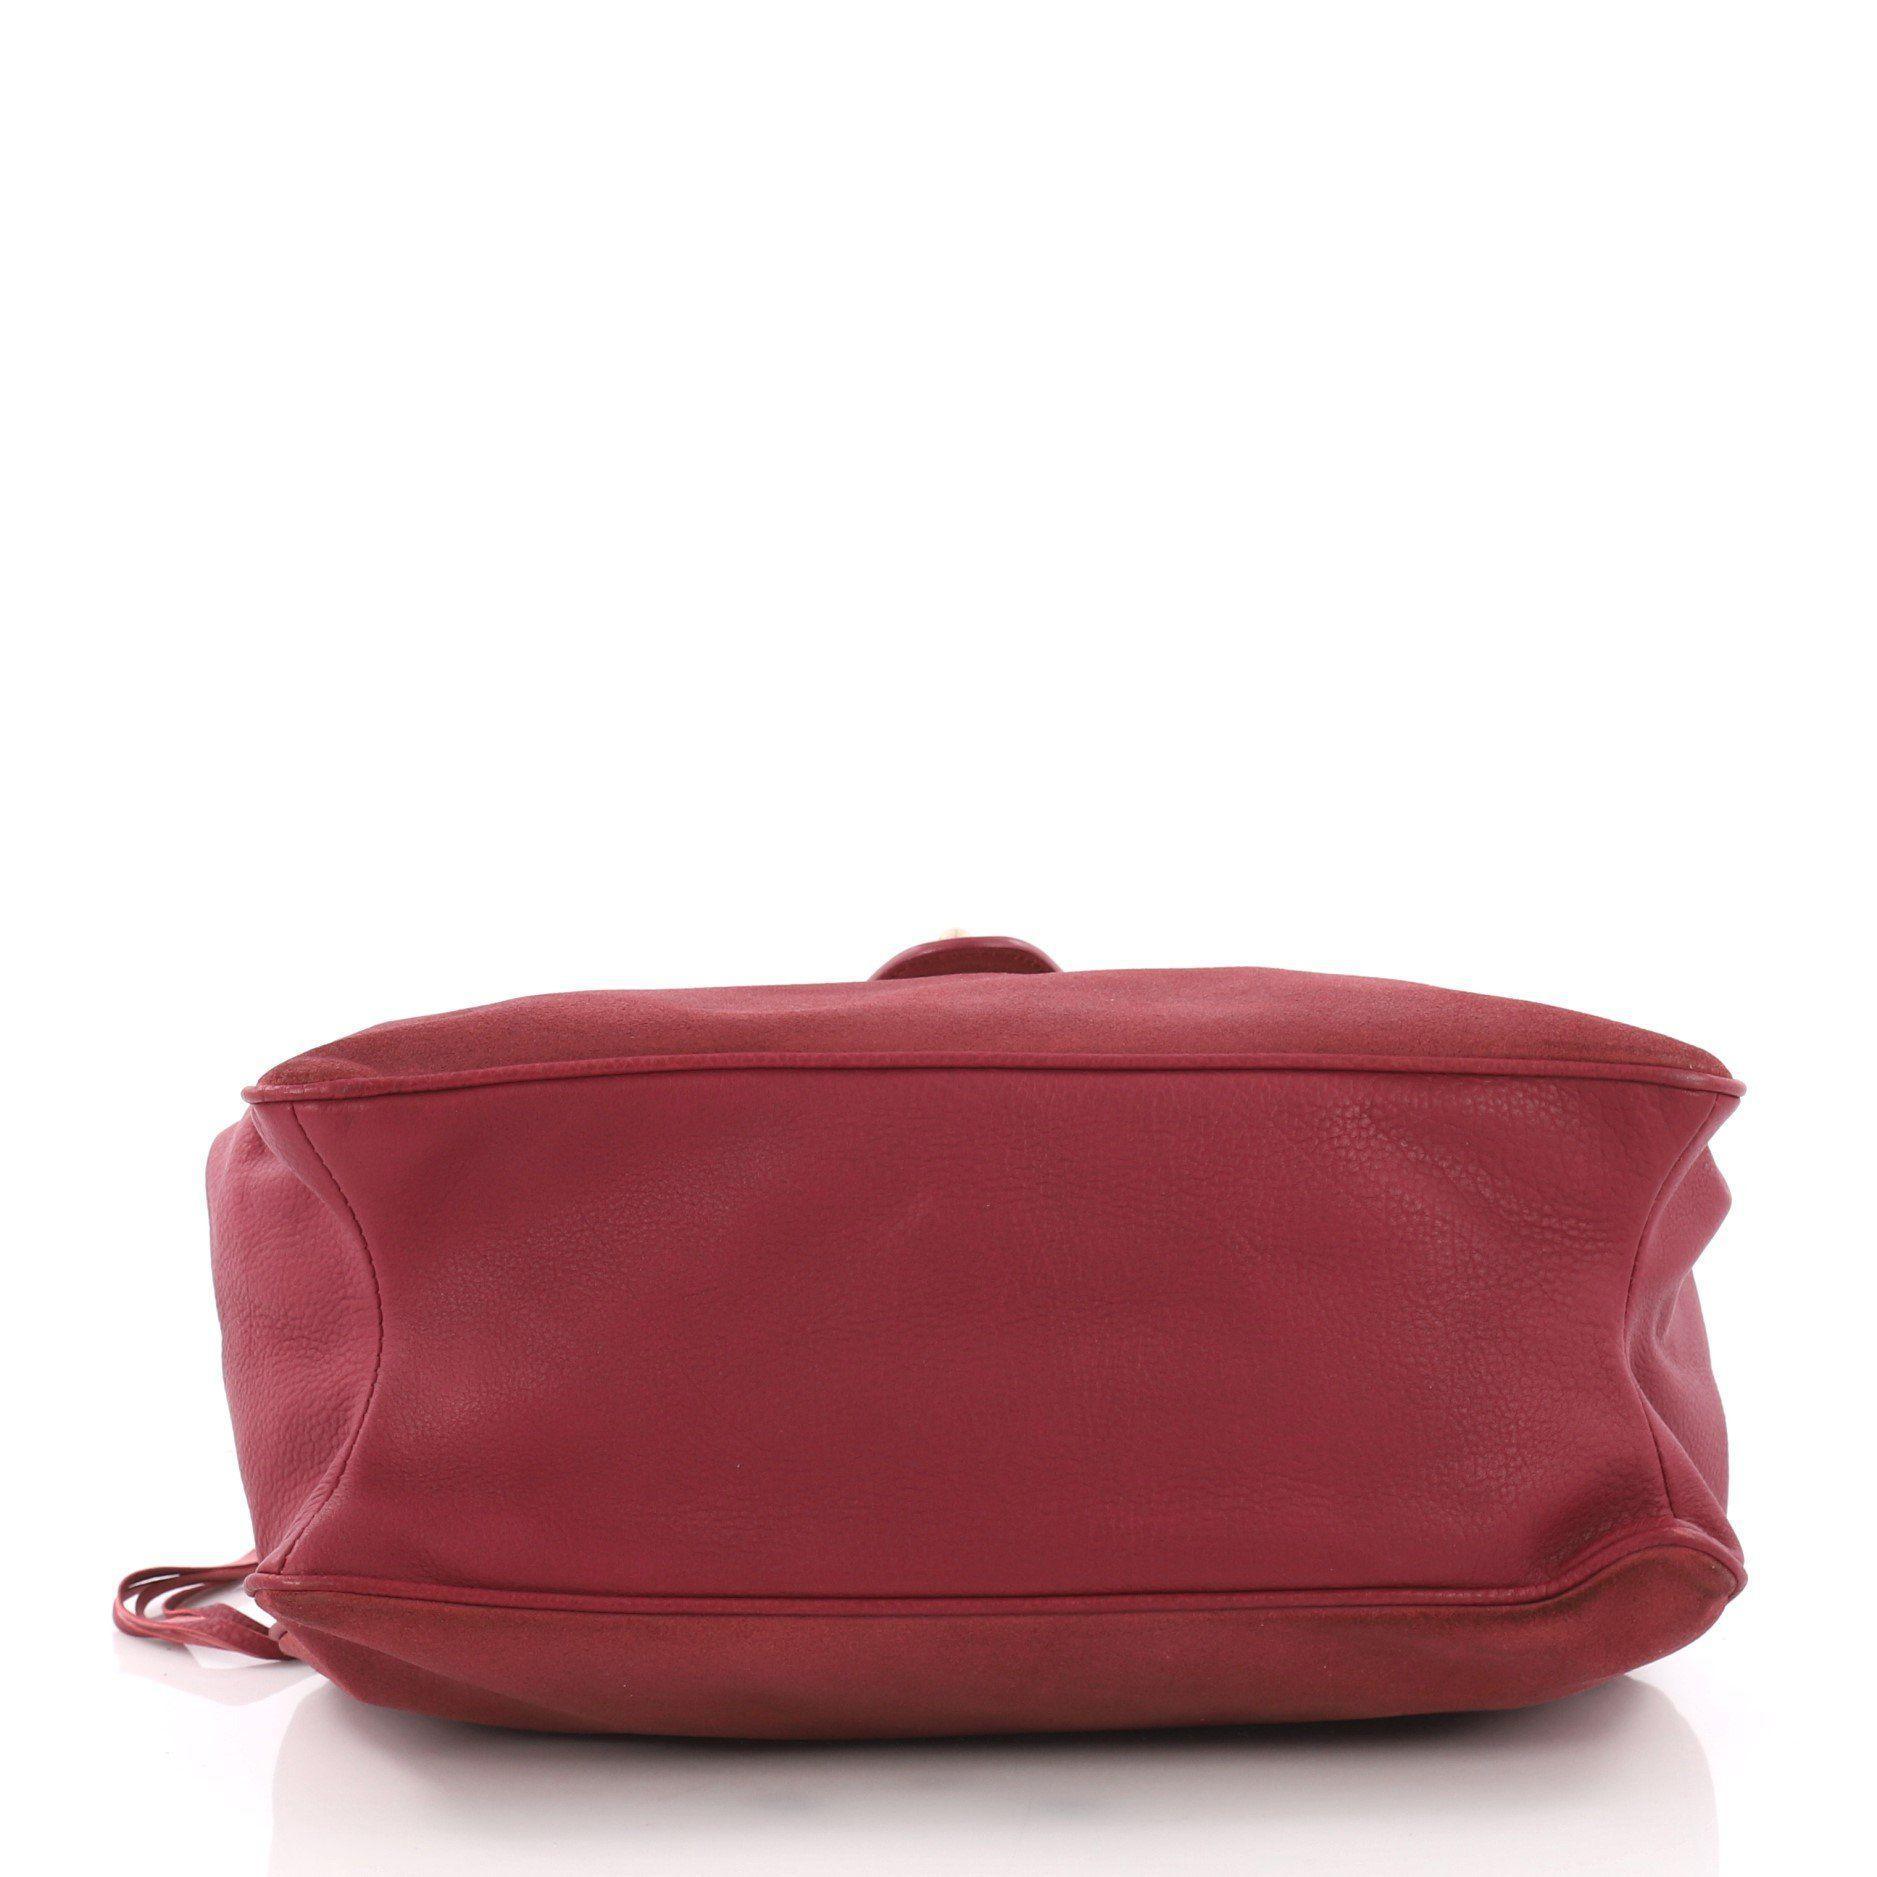 2cb7b28cdb Balenciaga - Red Tube Square Handbag Suede Small - Lyst. View fullscreen